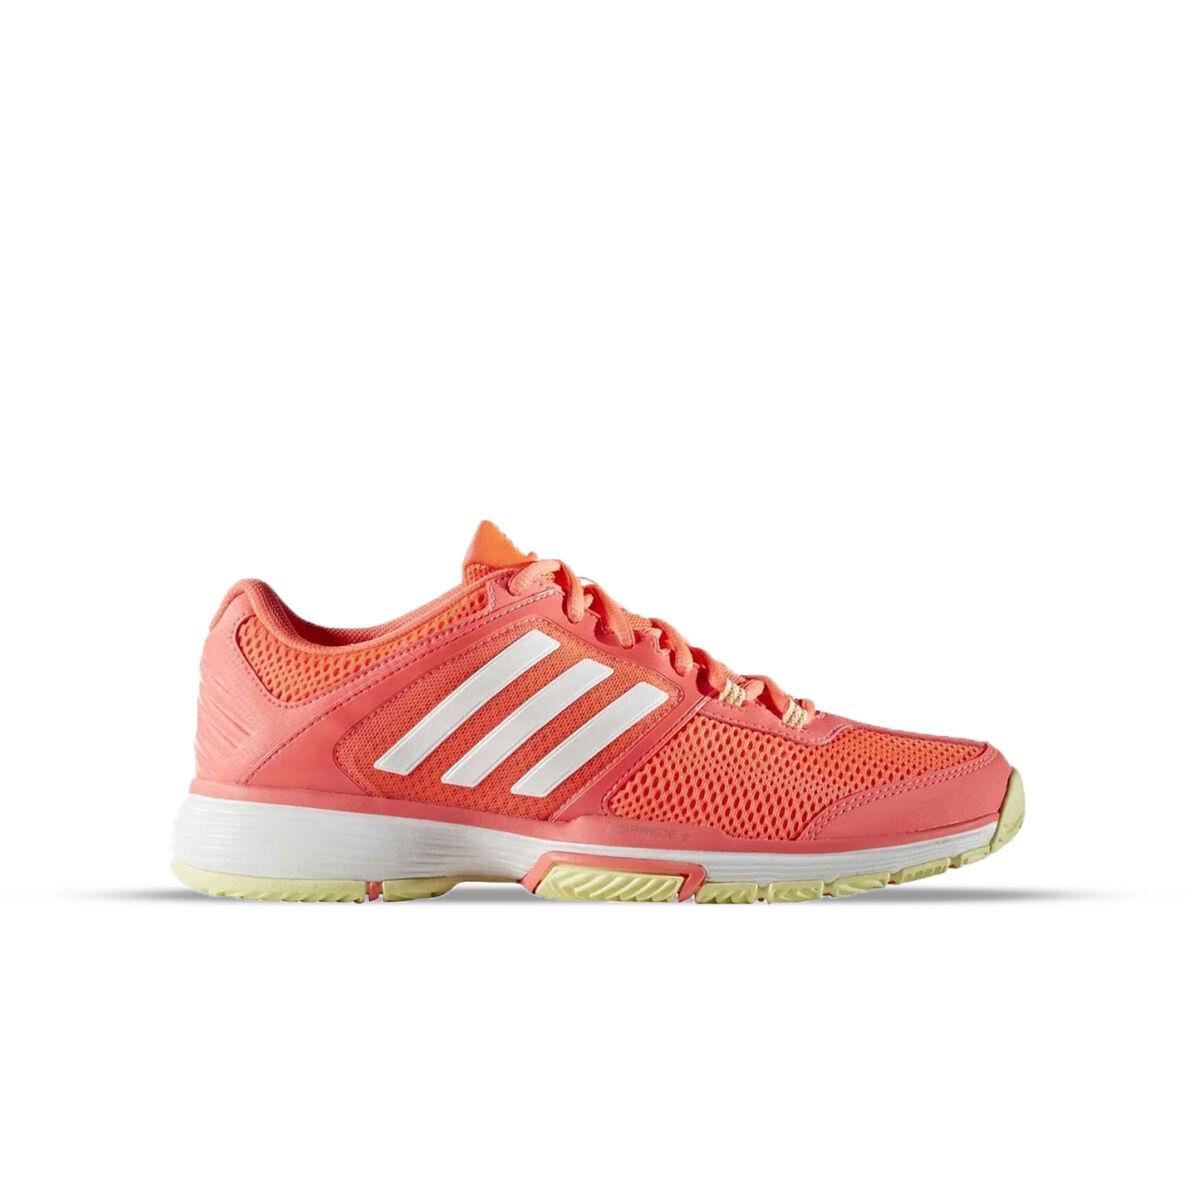 Adidas Barricade club donna